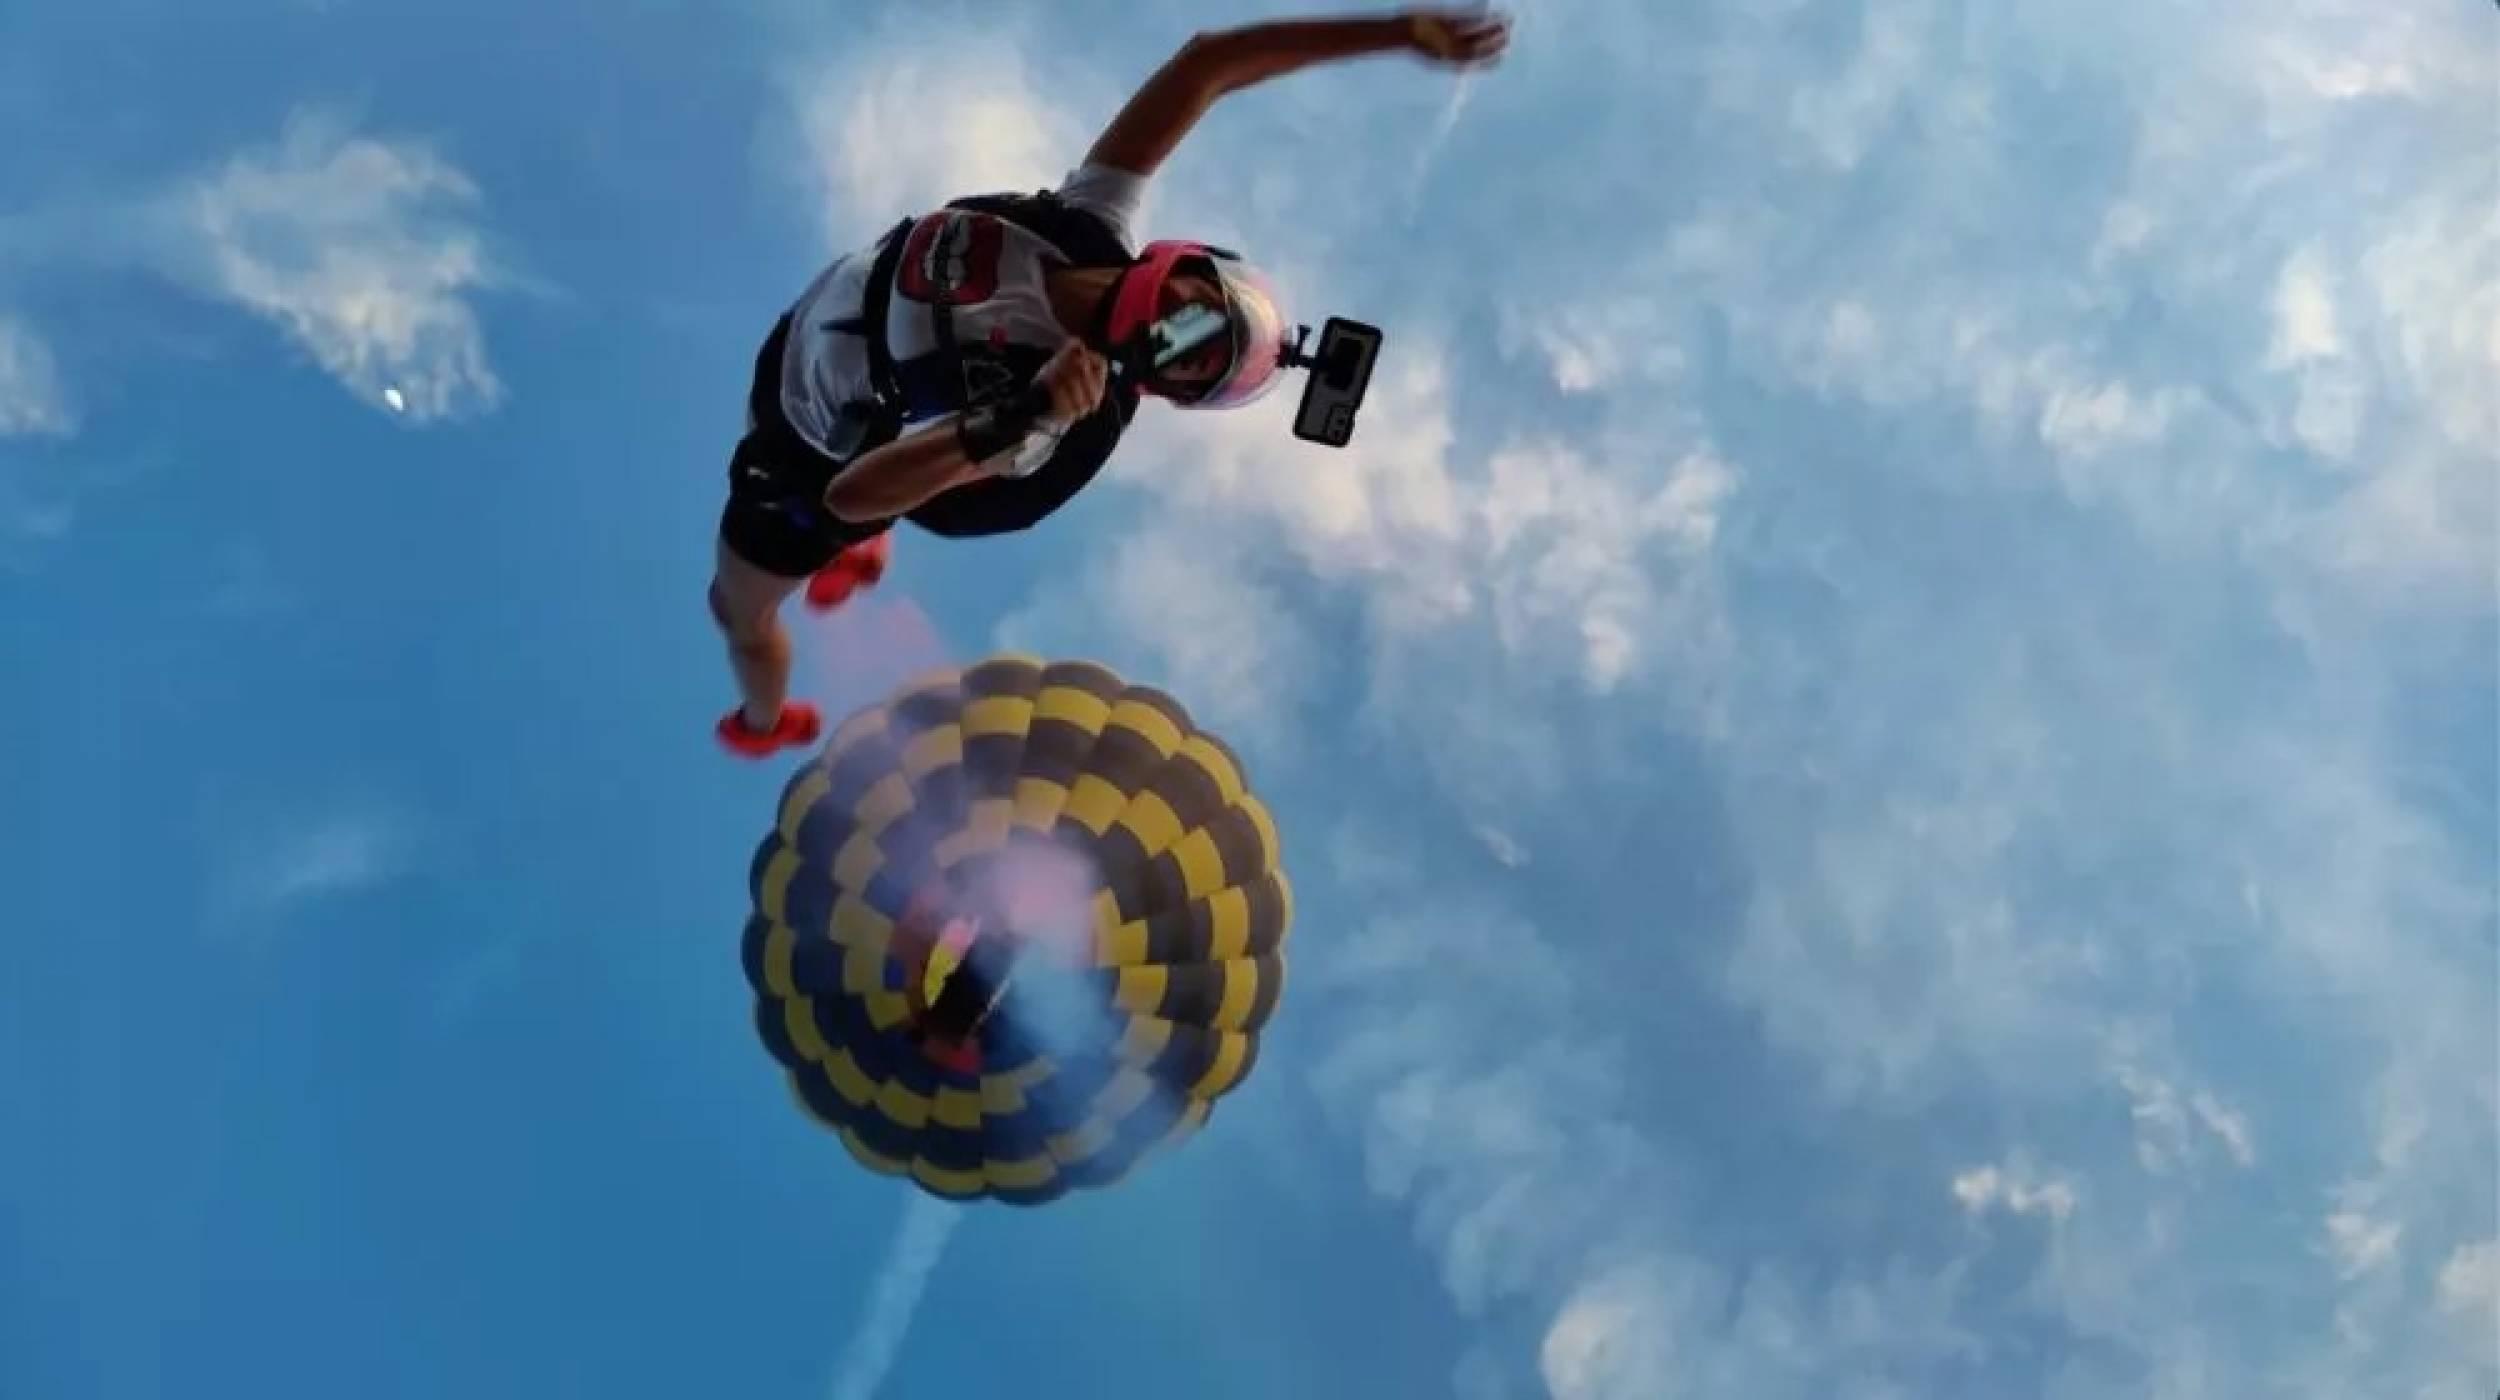 OnePlus 9 скача с парашут, за да ви убеди, че камерата му струва